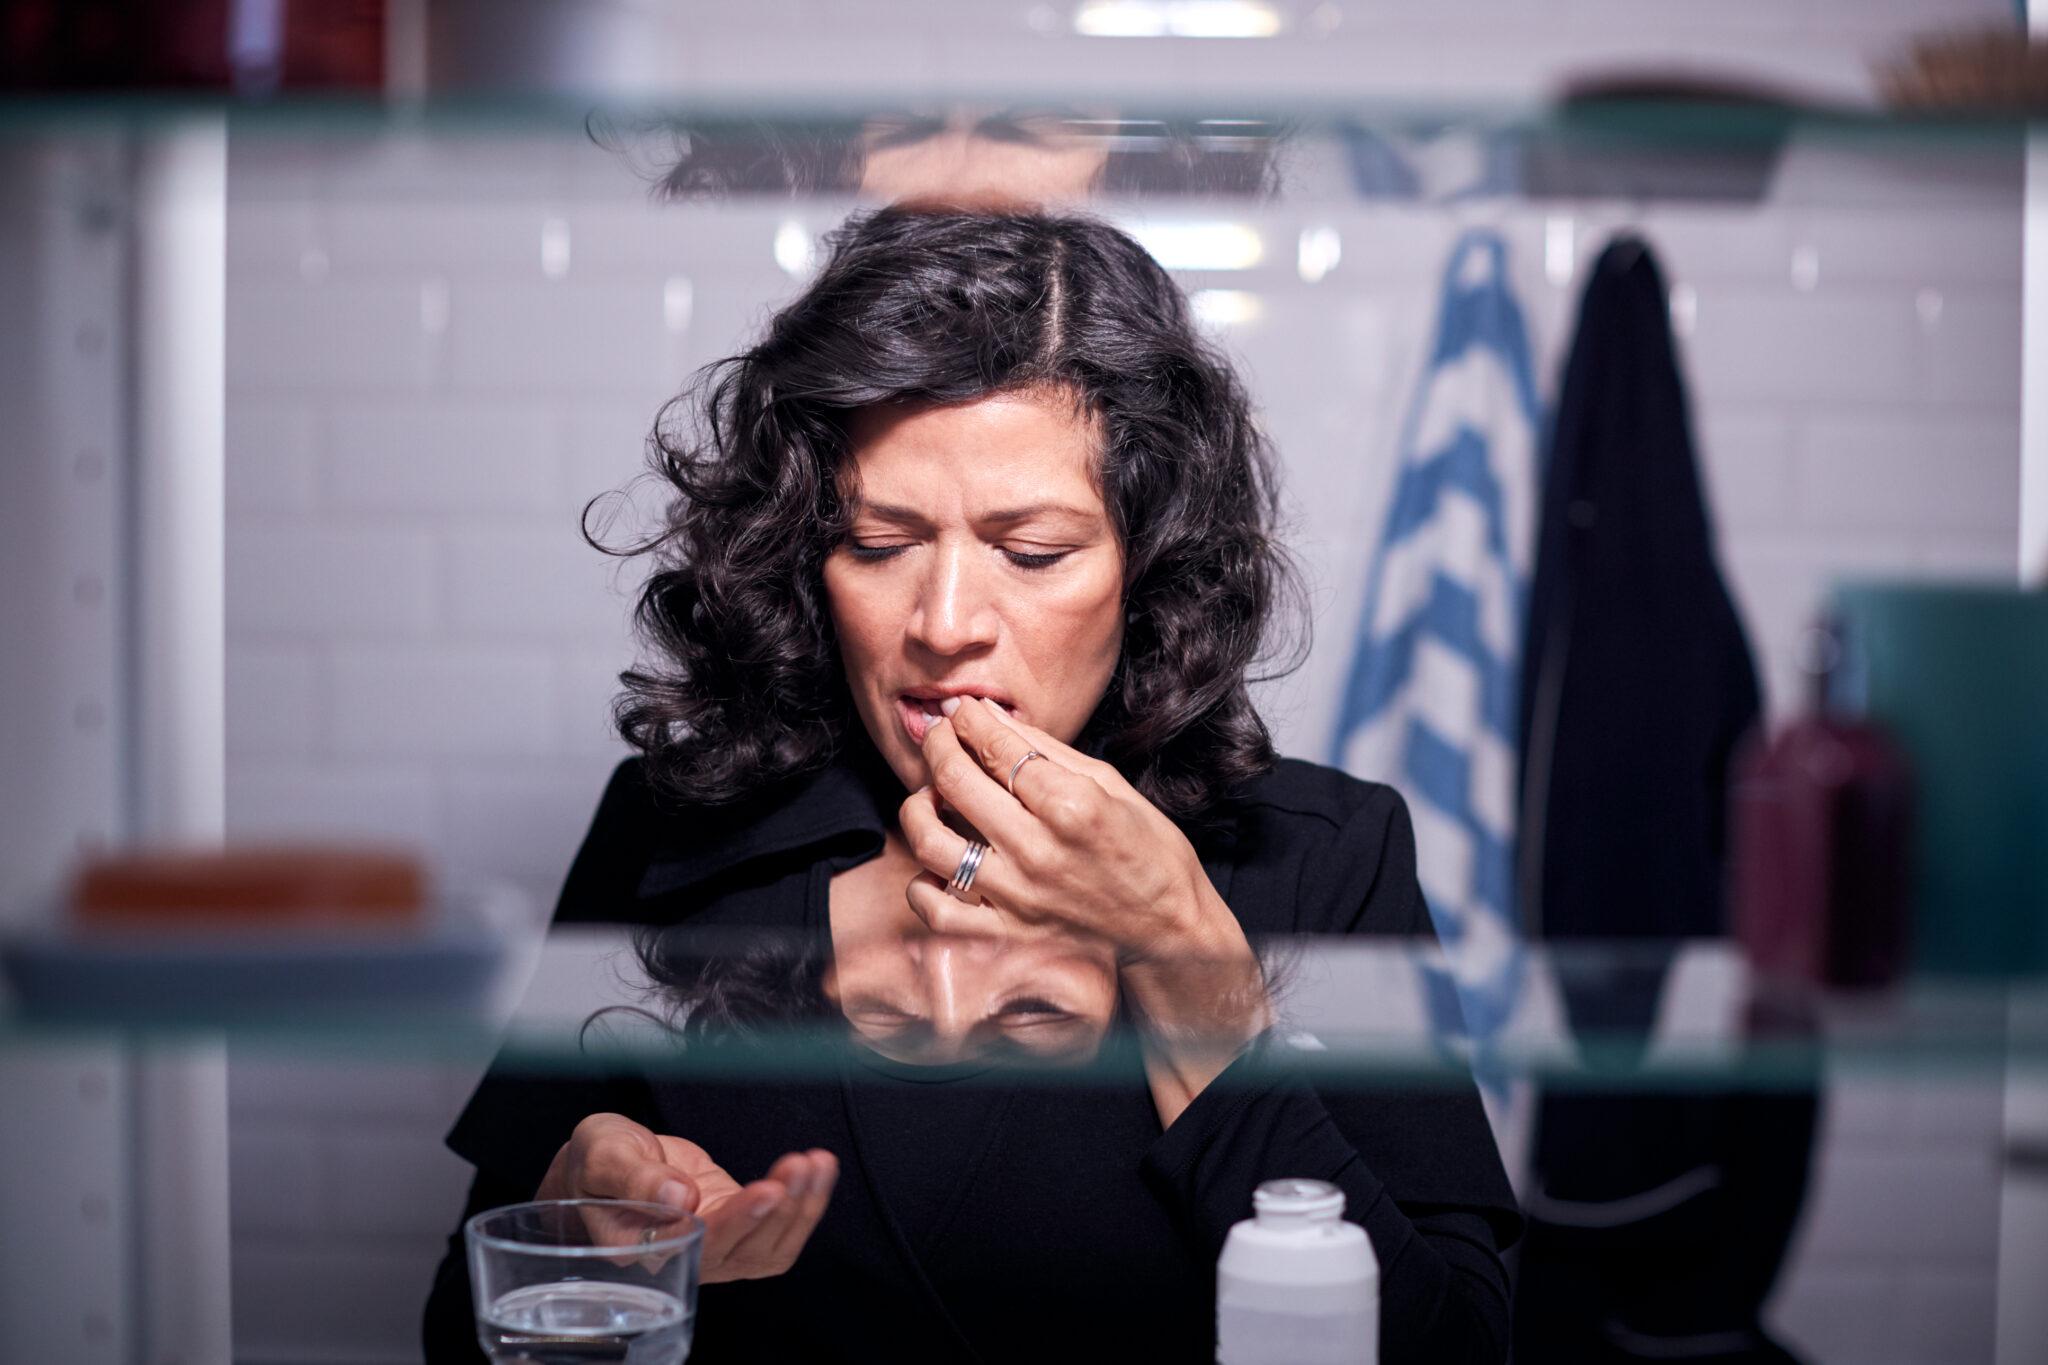 Eine Frau steht vor dem Badezimmerspiegel und nimmt eine Tablette ein.